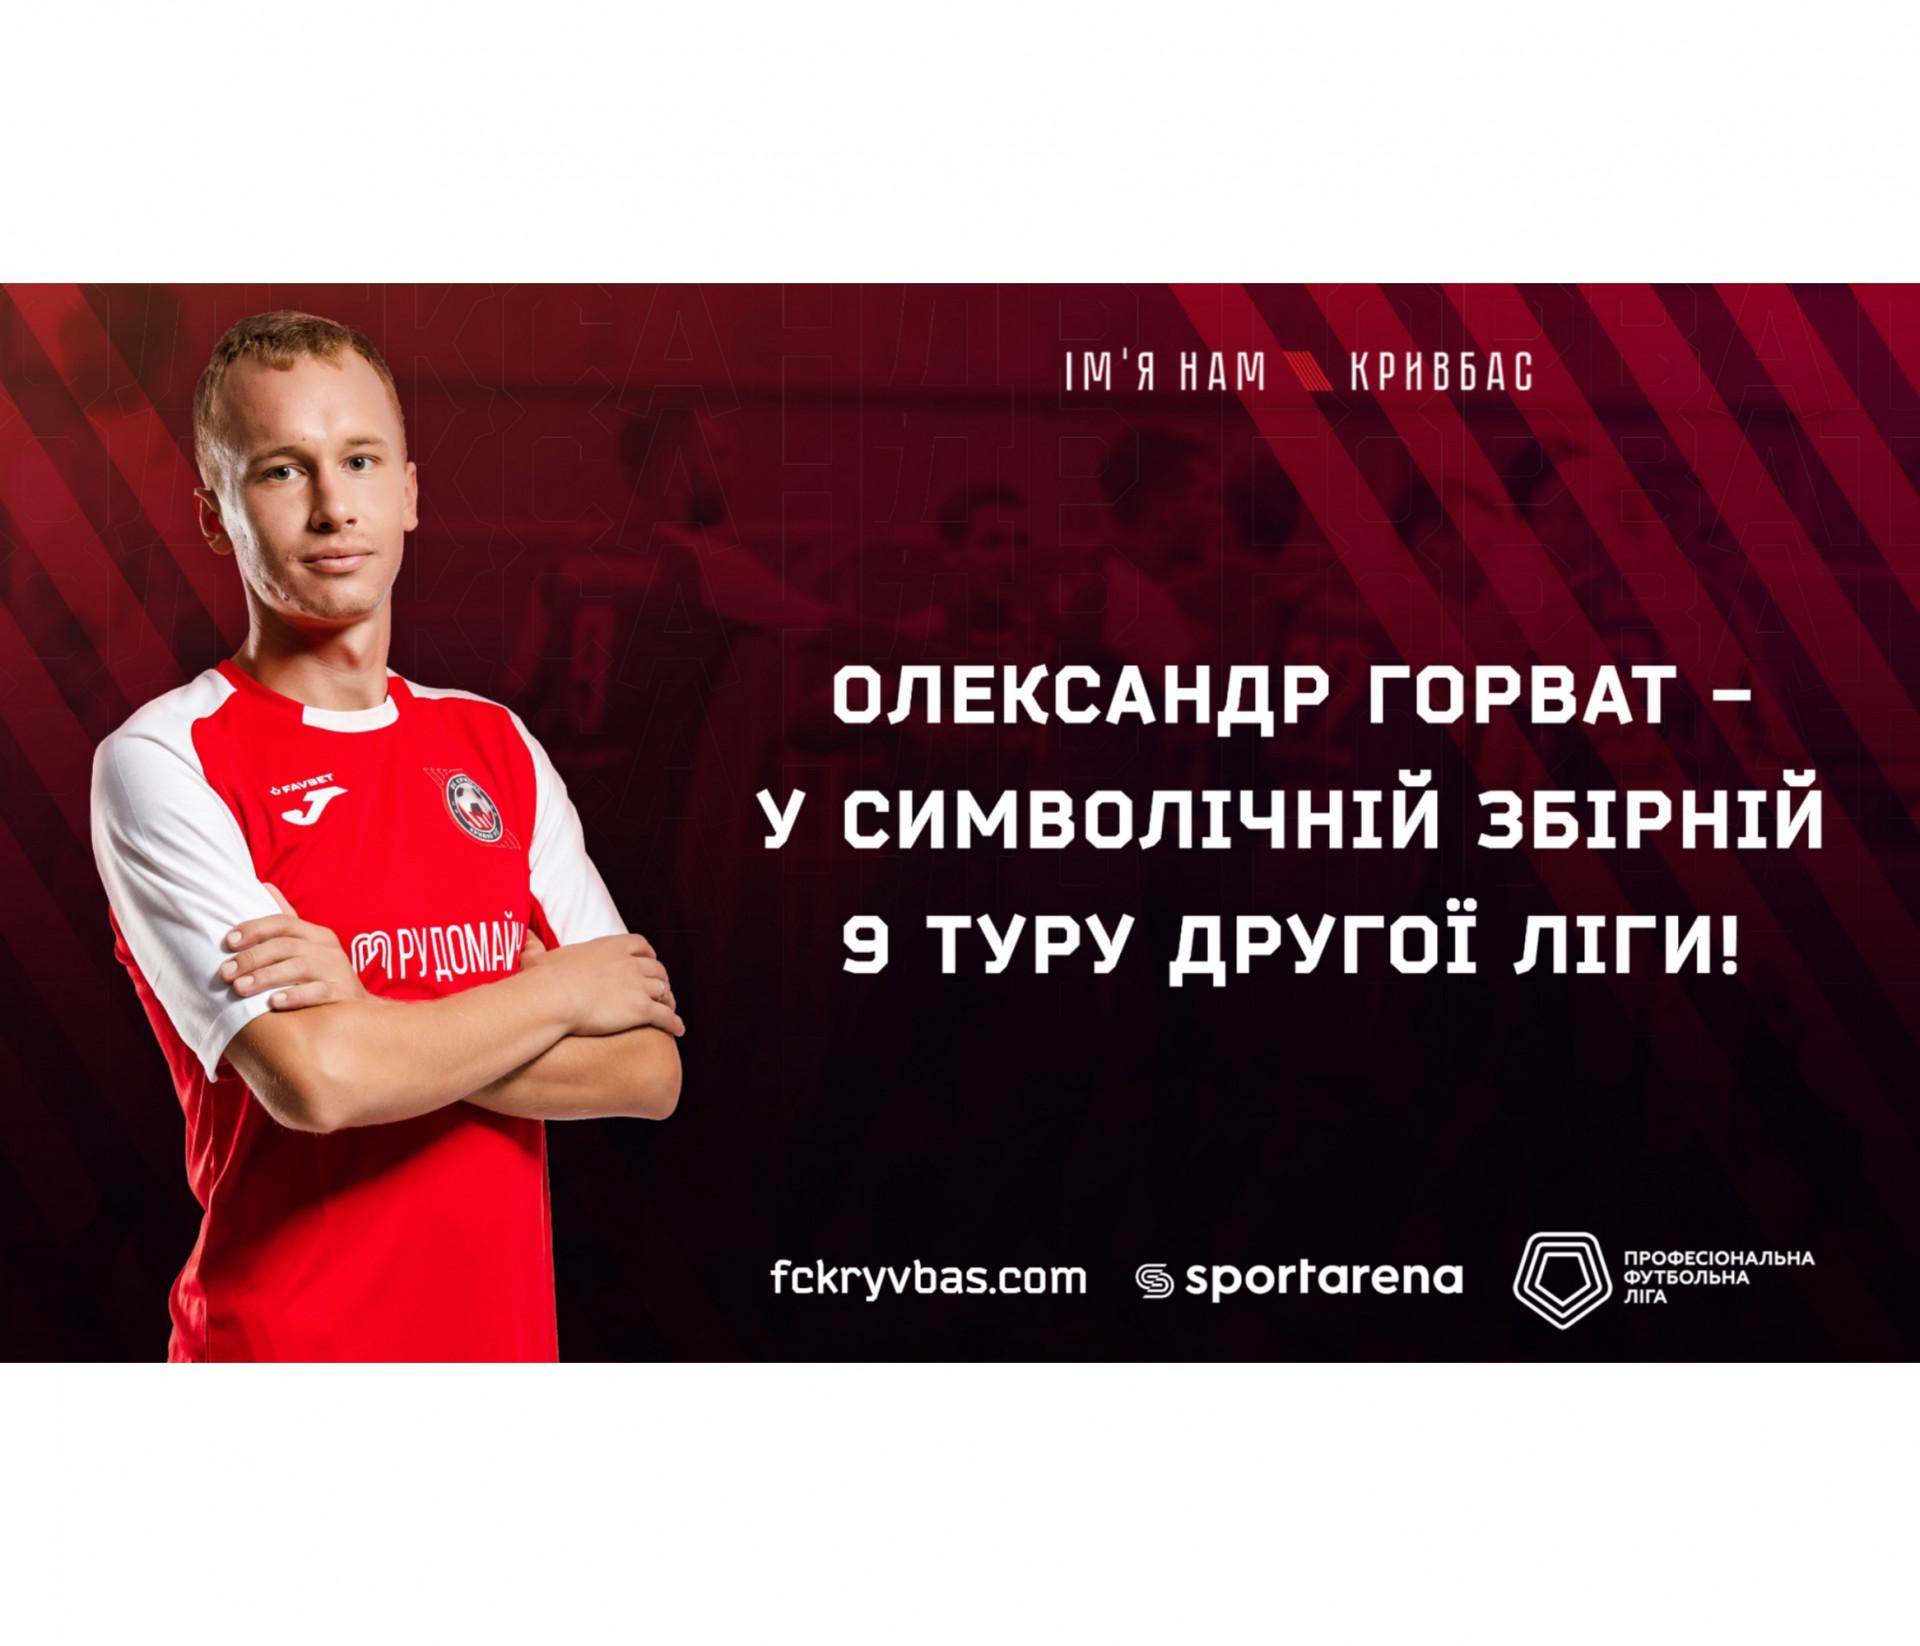 Олександр Горват - у символічній збірній 9 туру Другої ліги}